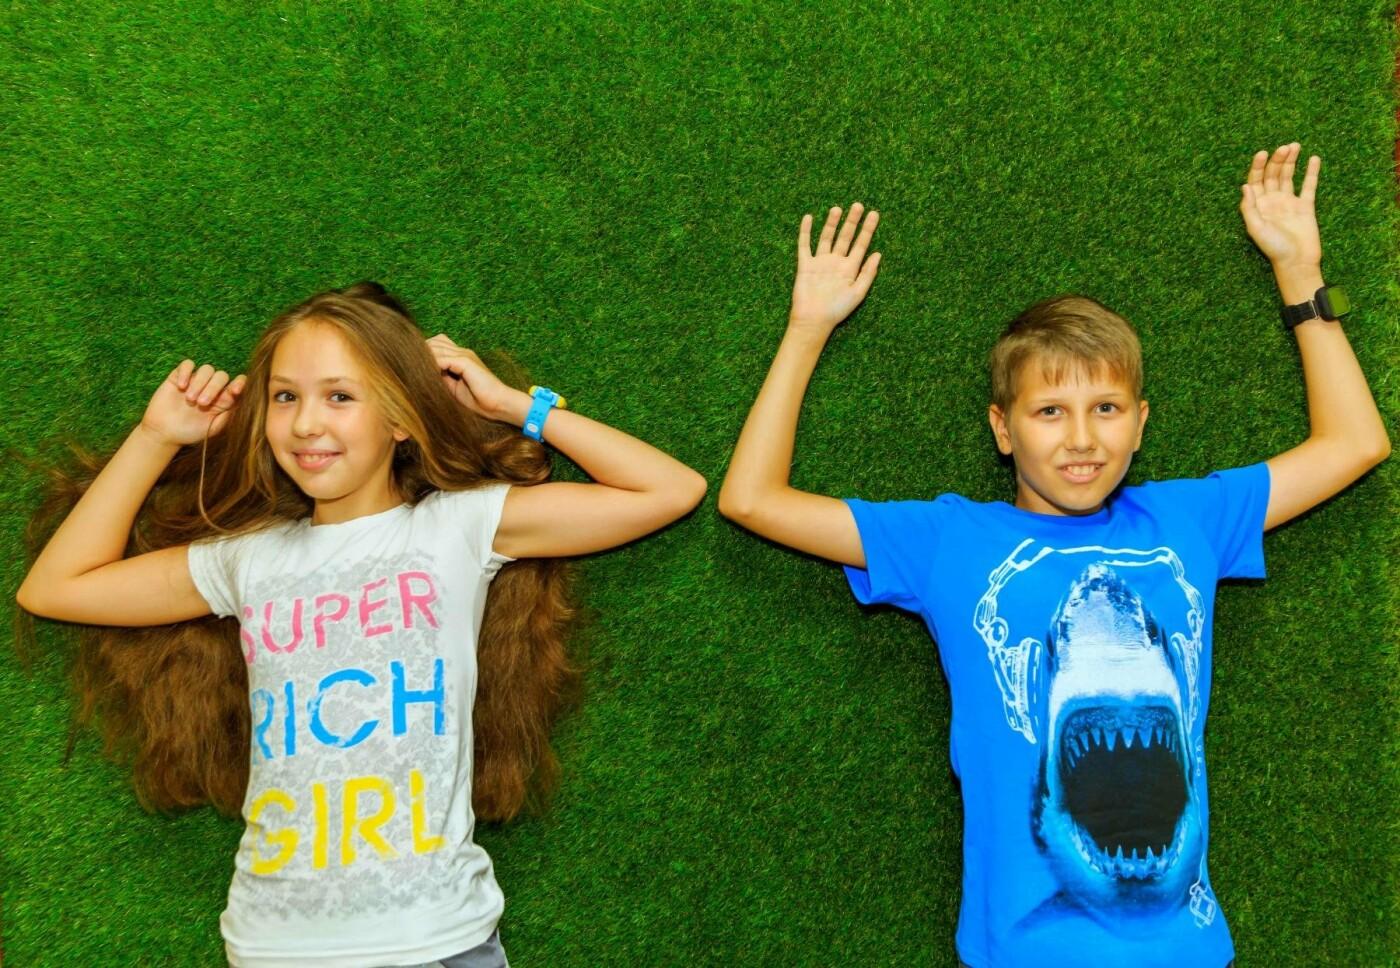 Как обезопасить своего ребенка от плохой компании и физического насилия?, фото-5